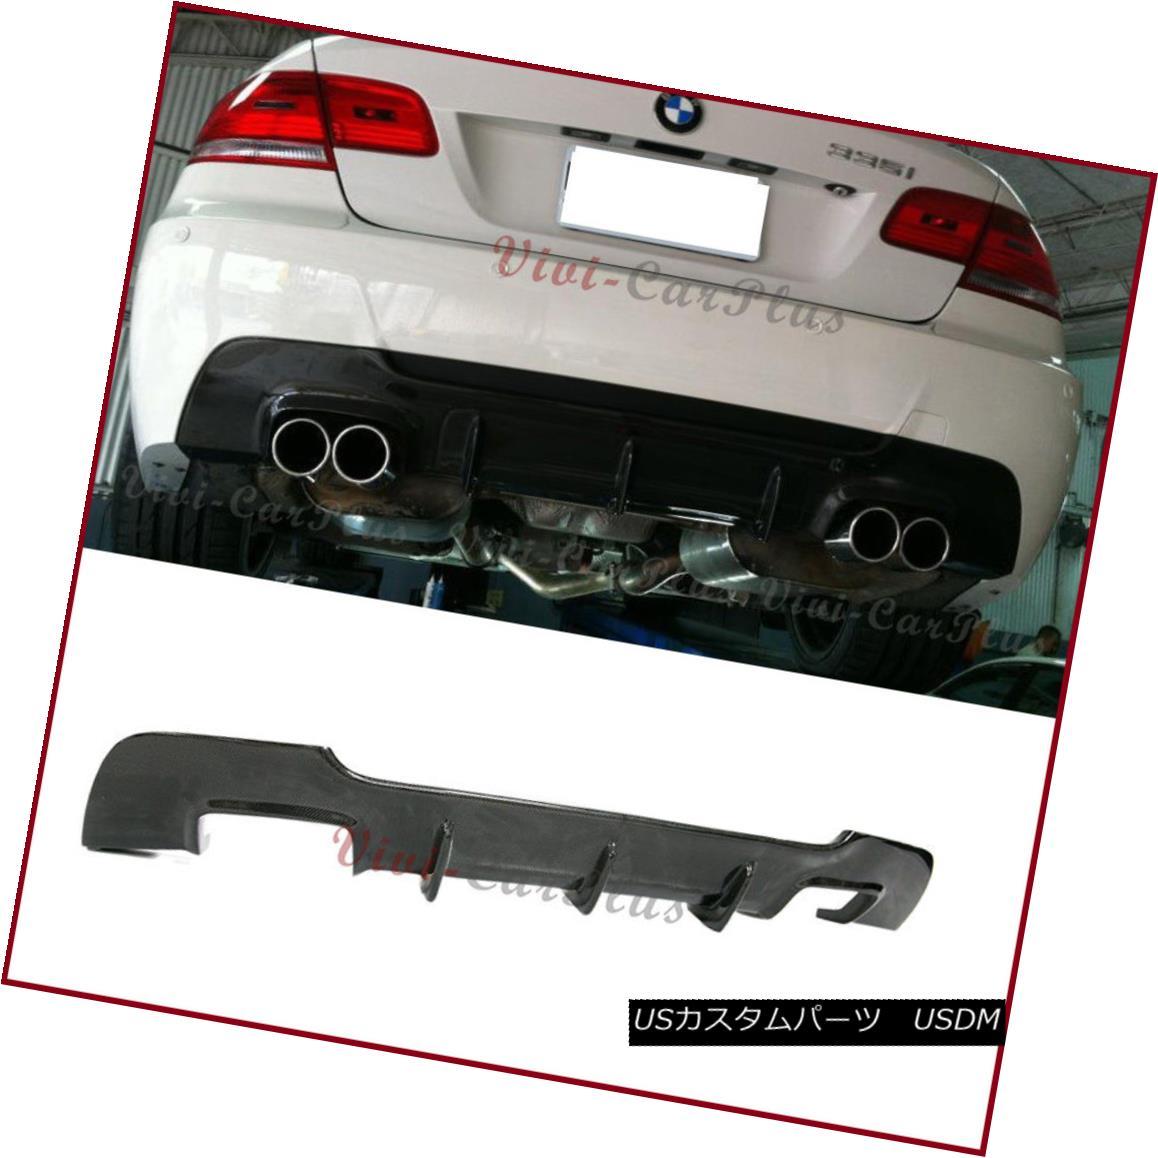 エアロパーツ Carbon Fiber D Type Rear Diffuser For 07-13 BMW E92 E93 3 Series M Sporty Bumper カーボンファイバーDタイプリアディフューザー(07-13)BMW E92 E93 3シリーズMスポーティーバンパー